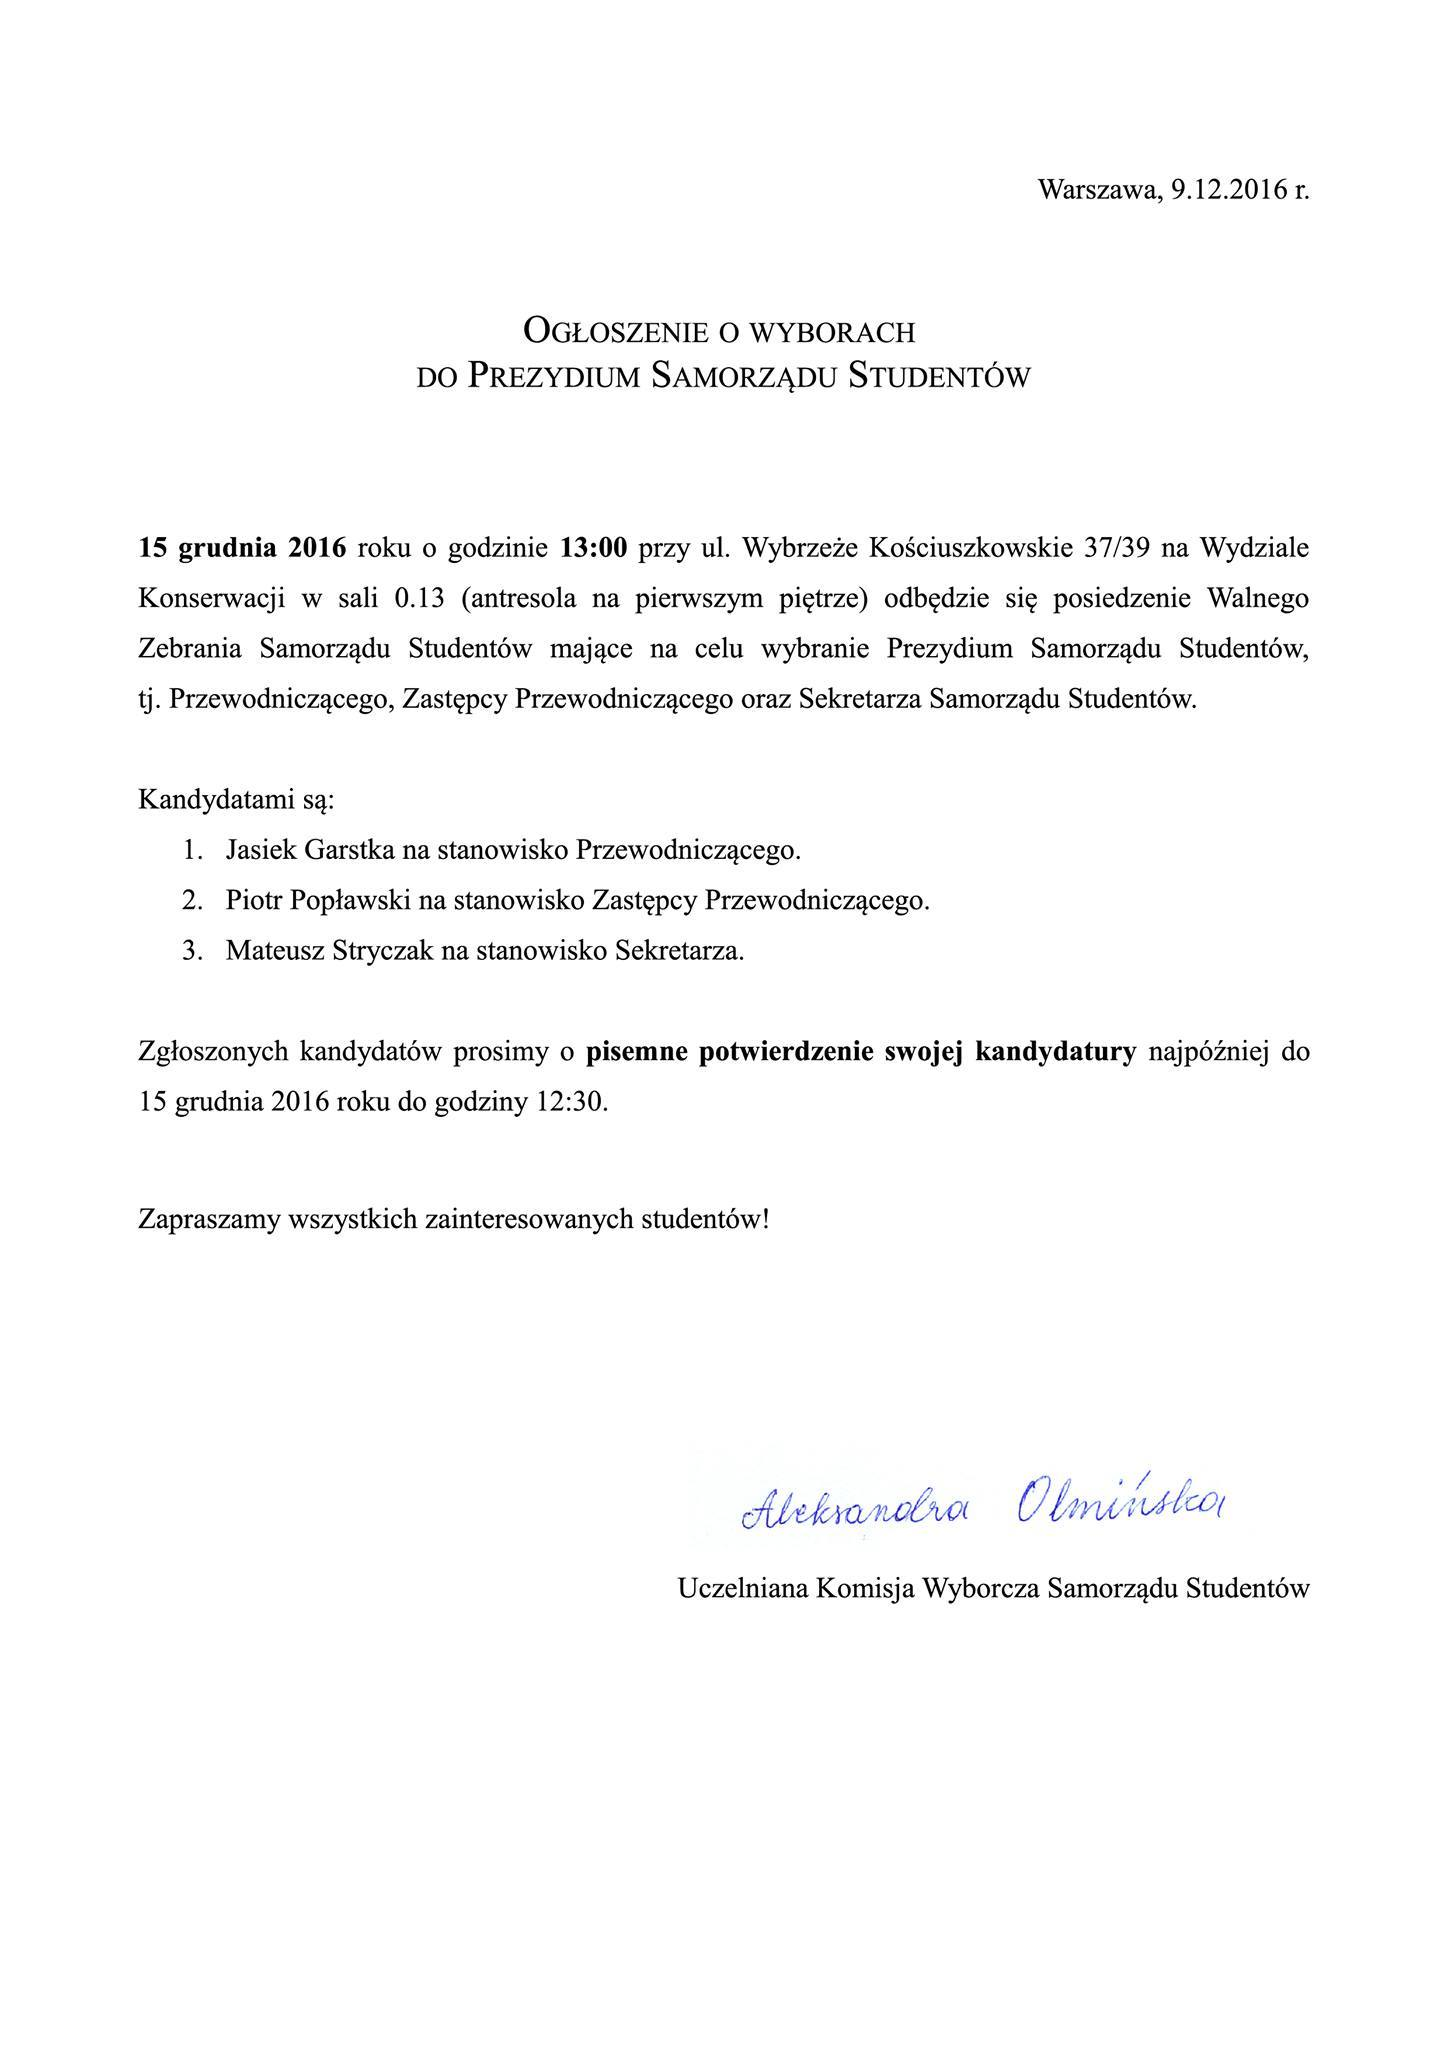 Ogłoszenie o wyborach do Prezydium Samorządu Studentów